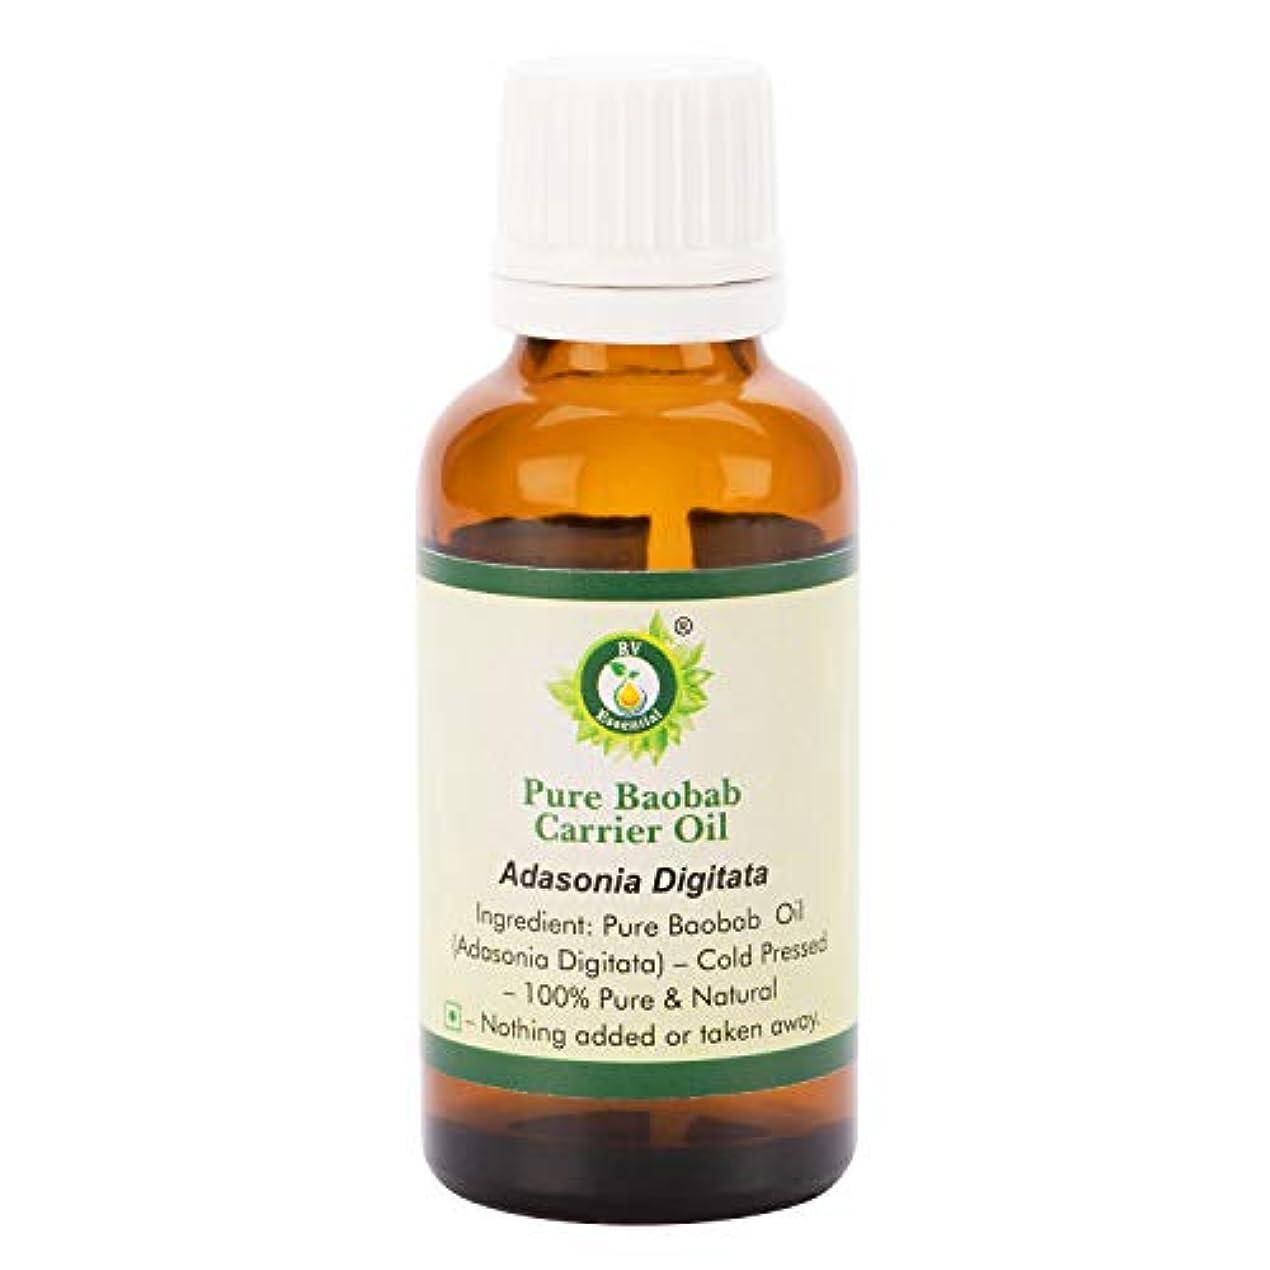 人差し指意識比率ピュアバオバブキャリアオイル5ml (0.169oz)- Adansonia Digitata (100%ピュア&ナチュラルコールドPressed) Pure Baobab Carrier Oil